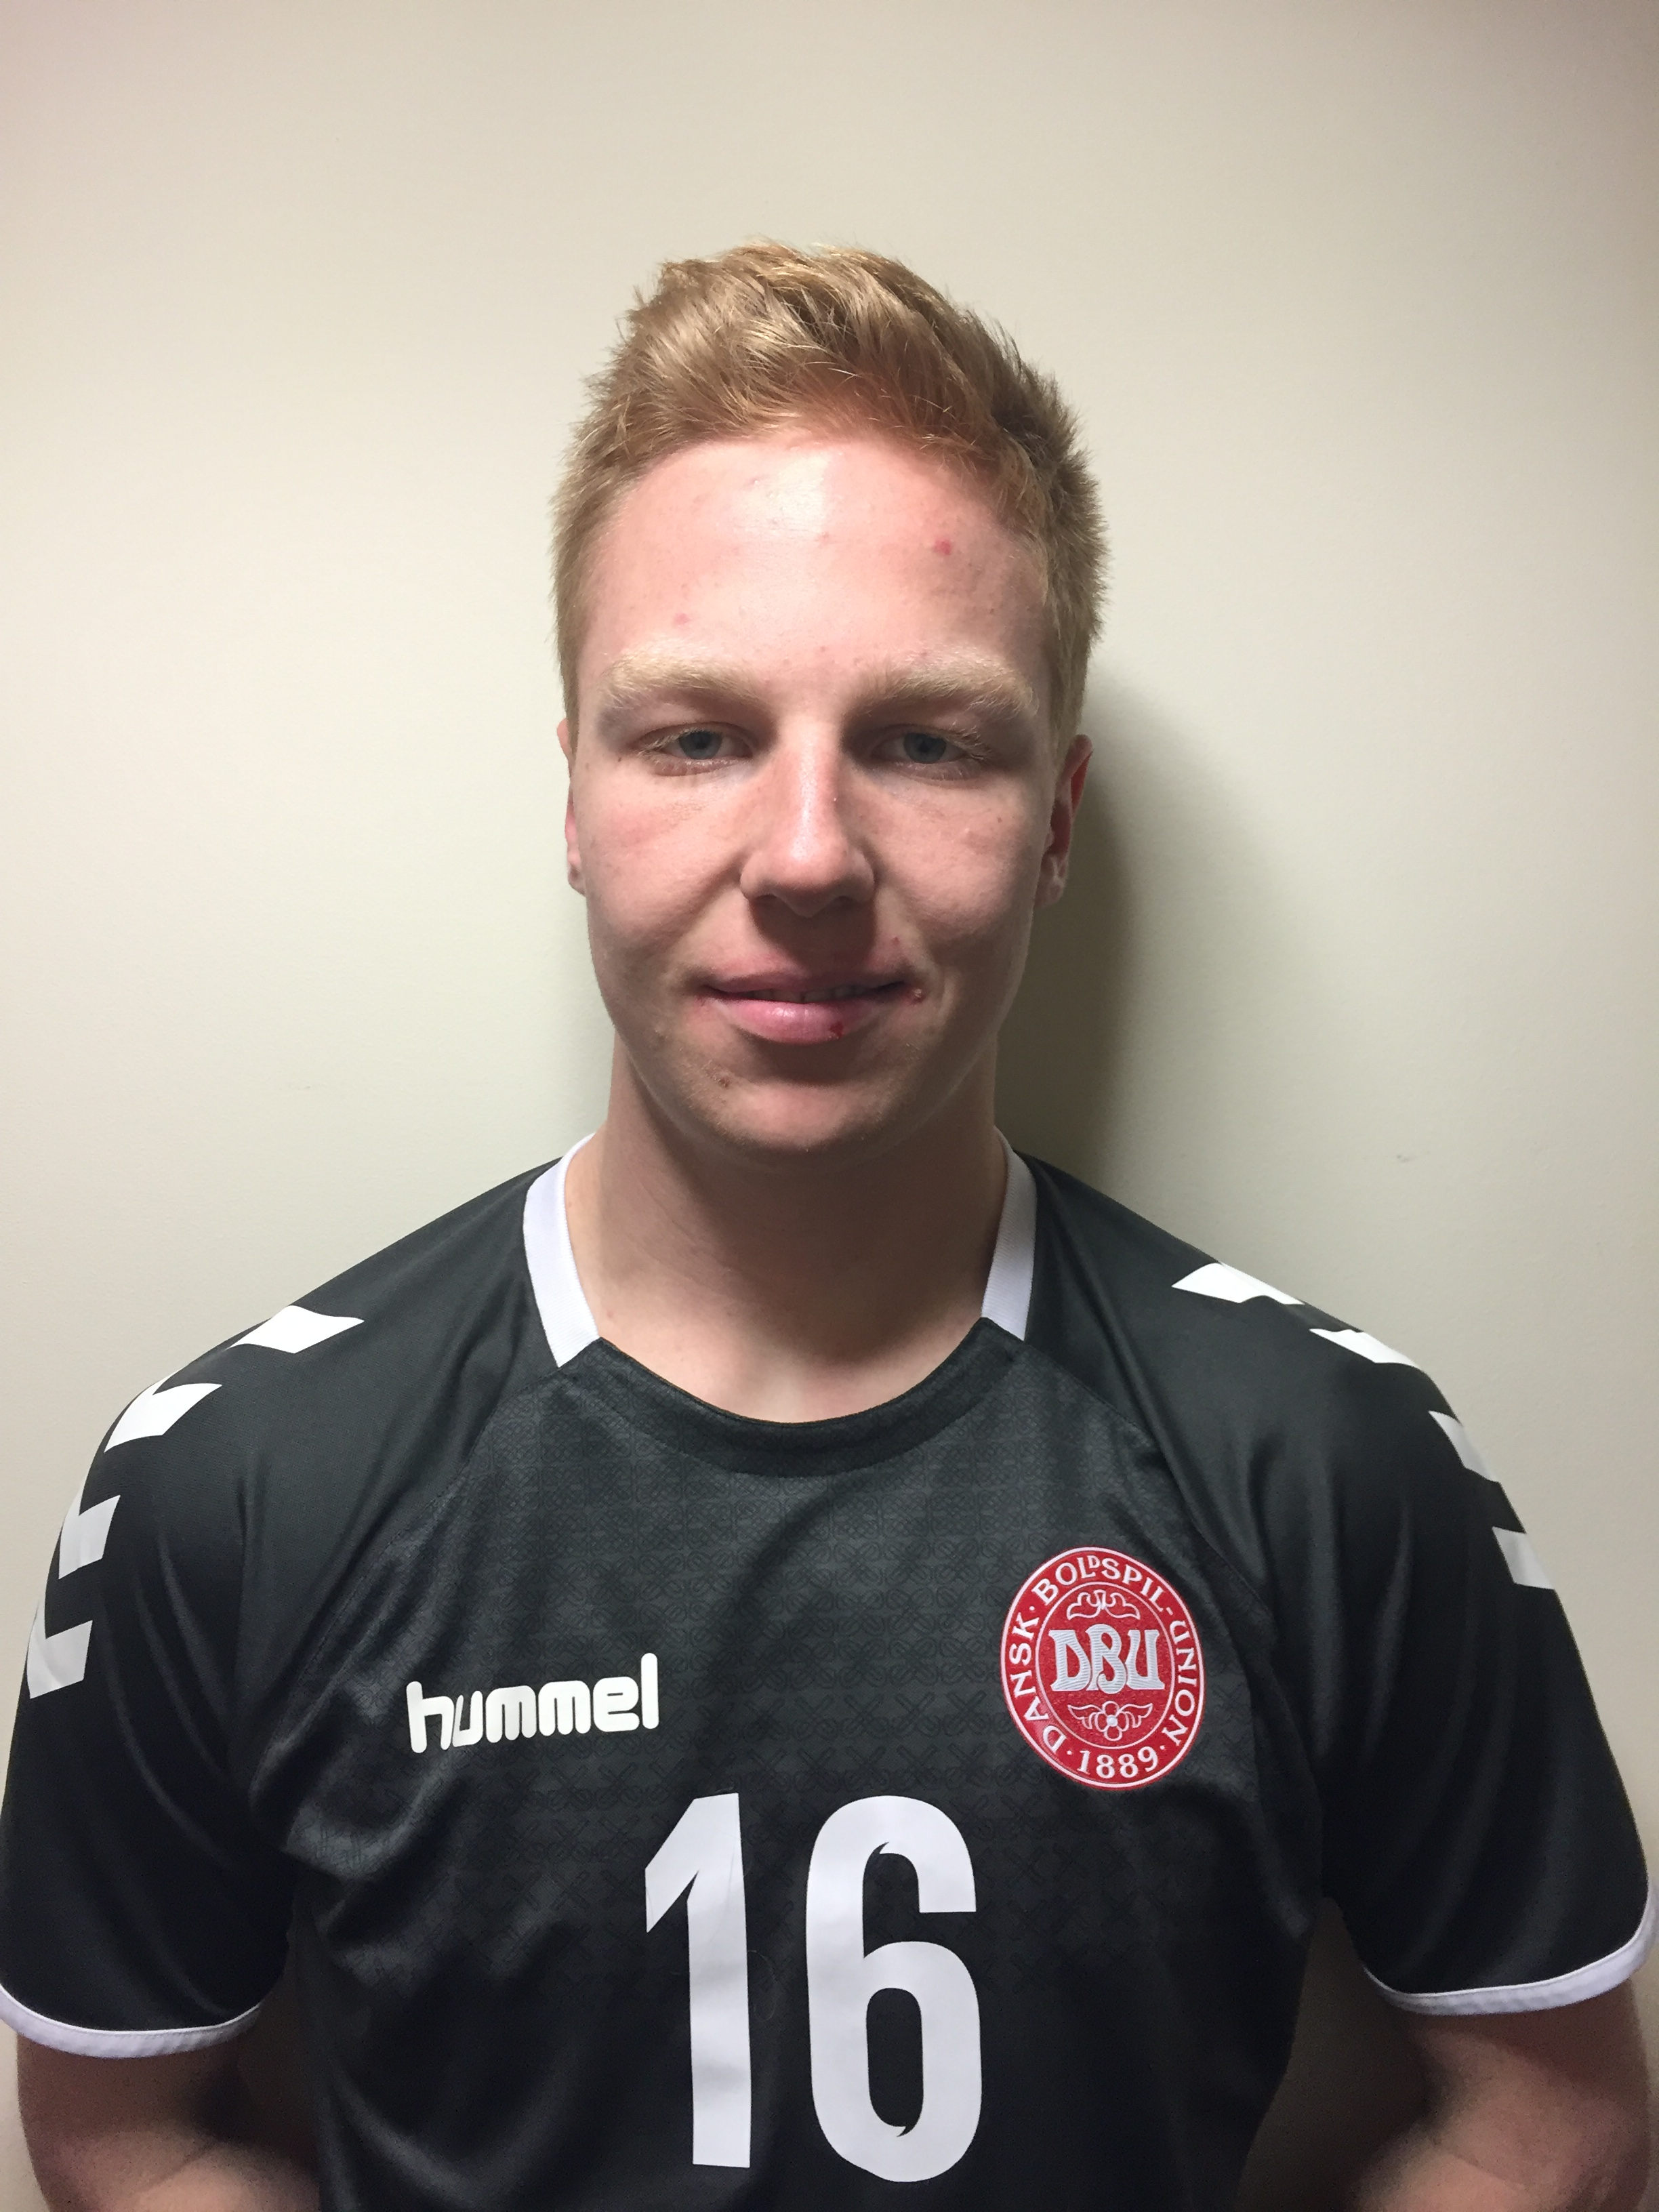 Lucas Lund Pedersen